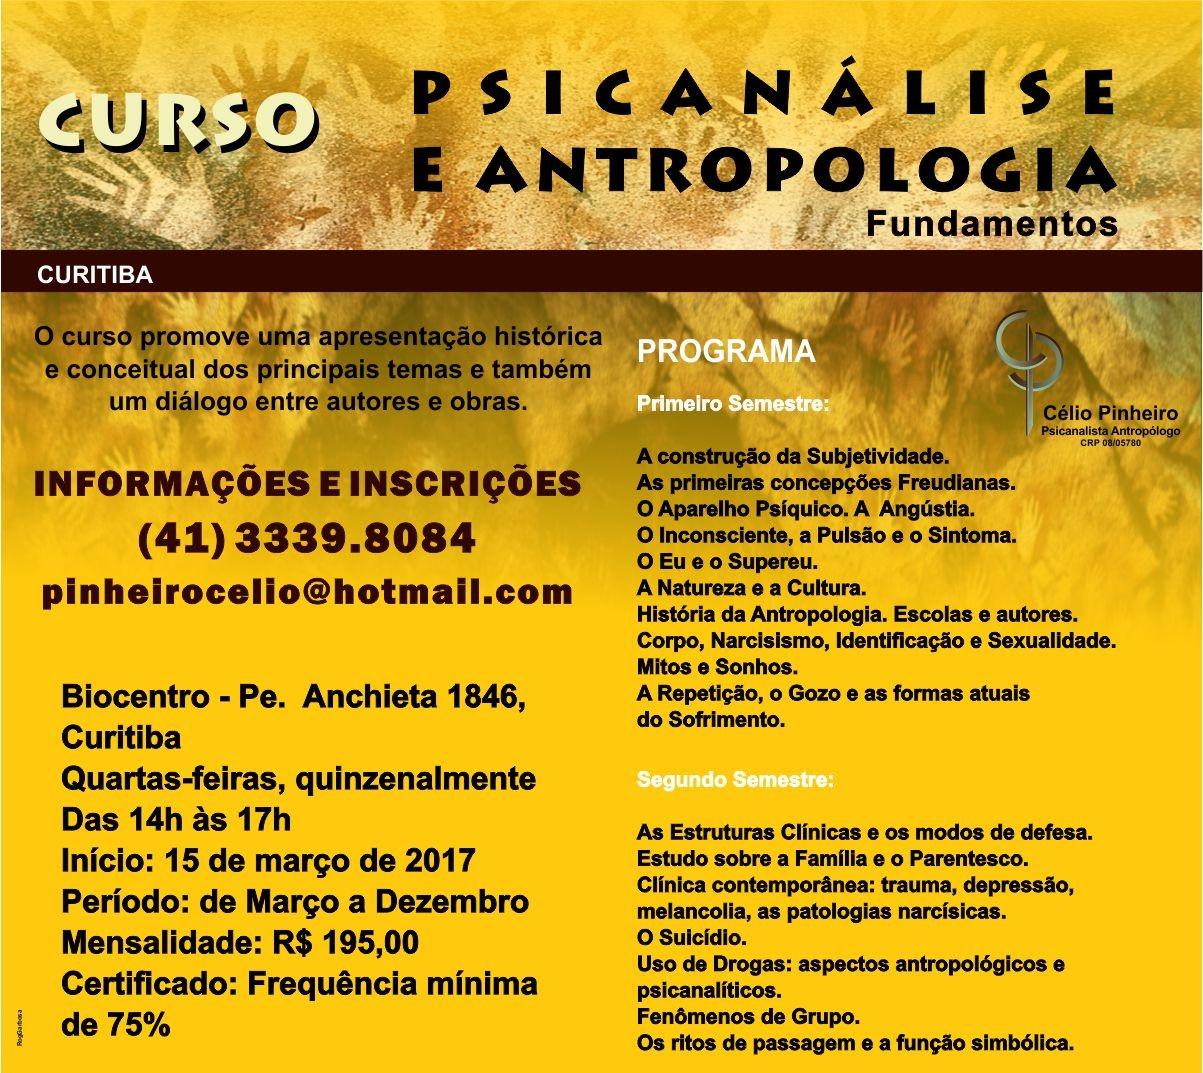 Curso PSICANÁLISE ANTROPOLOGIA - FUNDAMENTOS